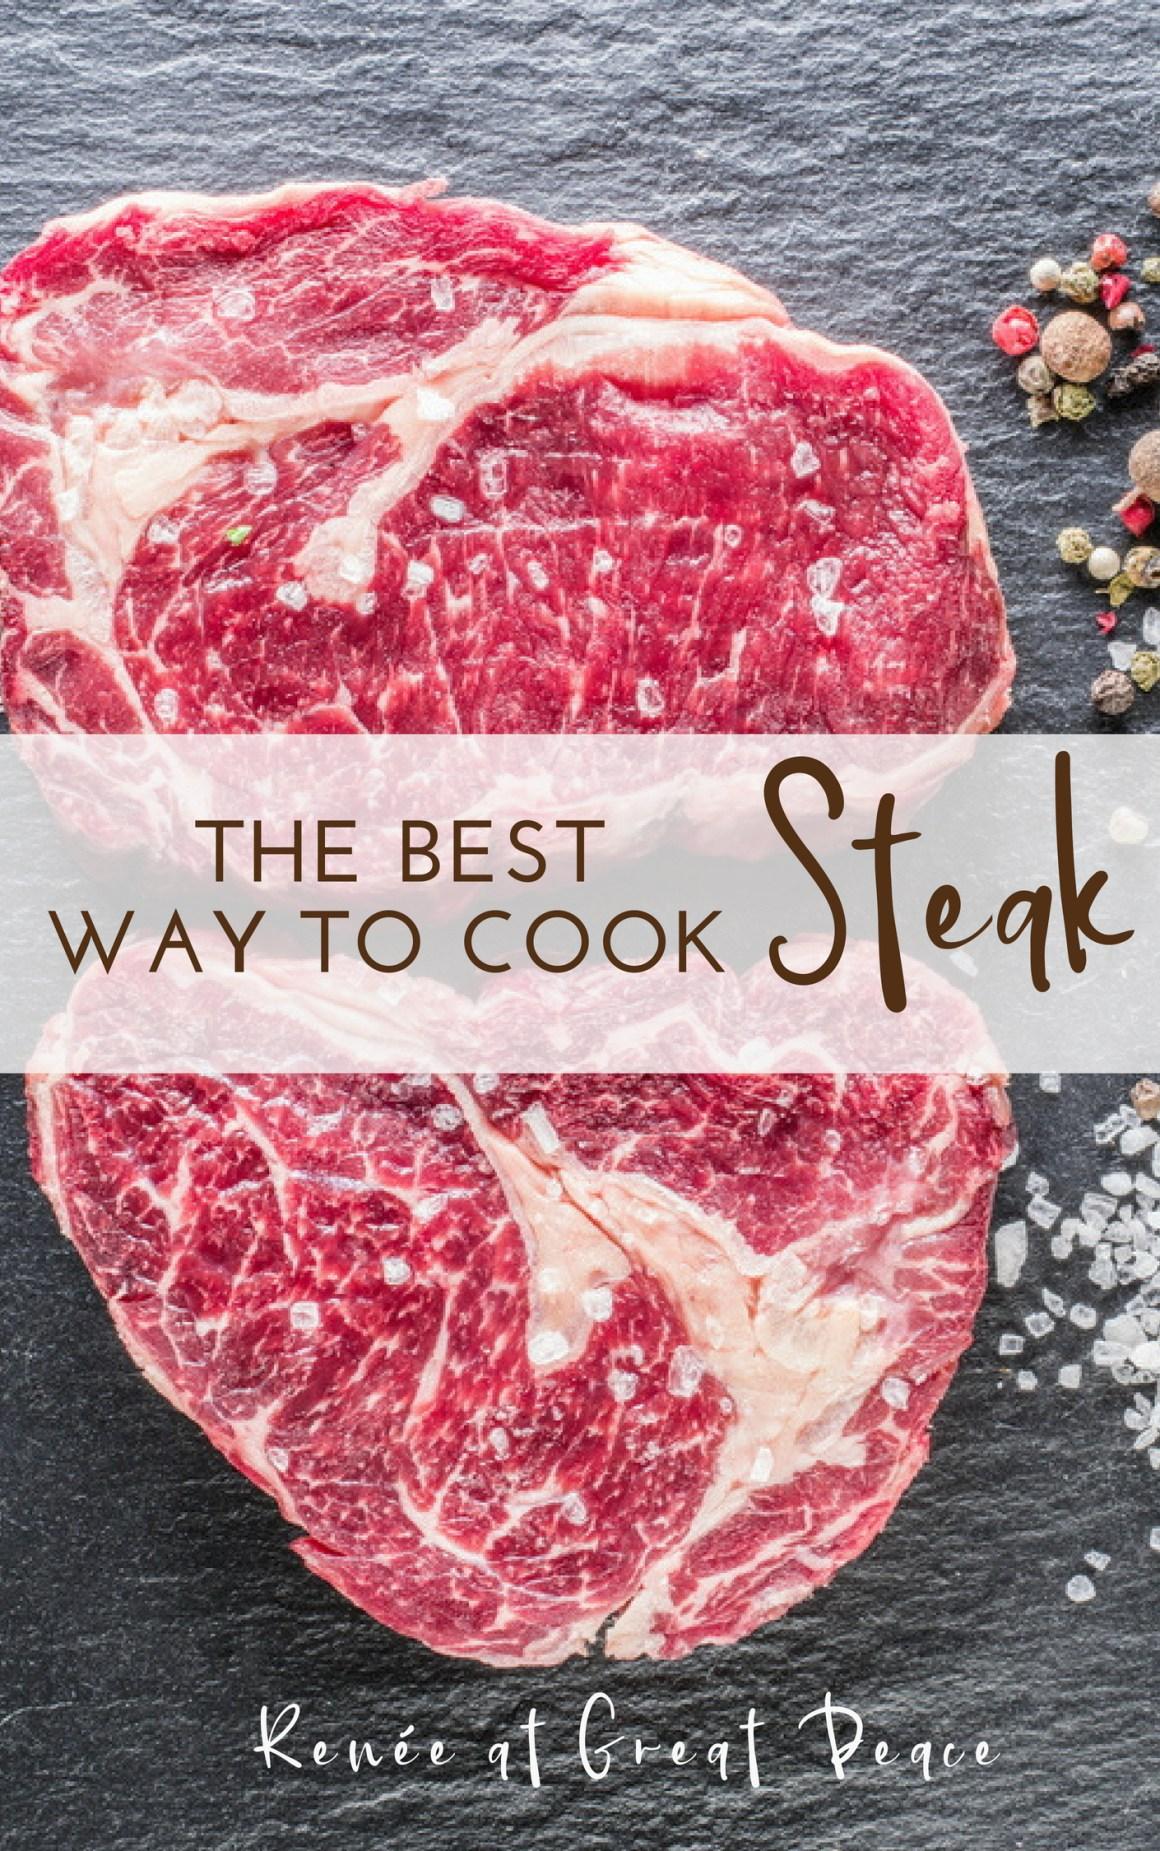 The Best Way to Cook Steak: Summer Dinner Ideas | Renée at Great Peace #summerdinners #mealplanning #steak